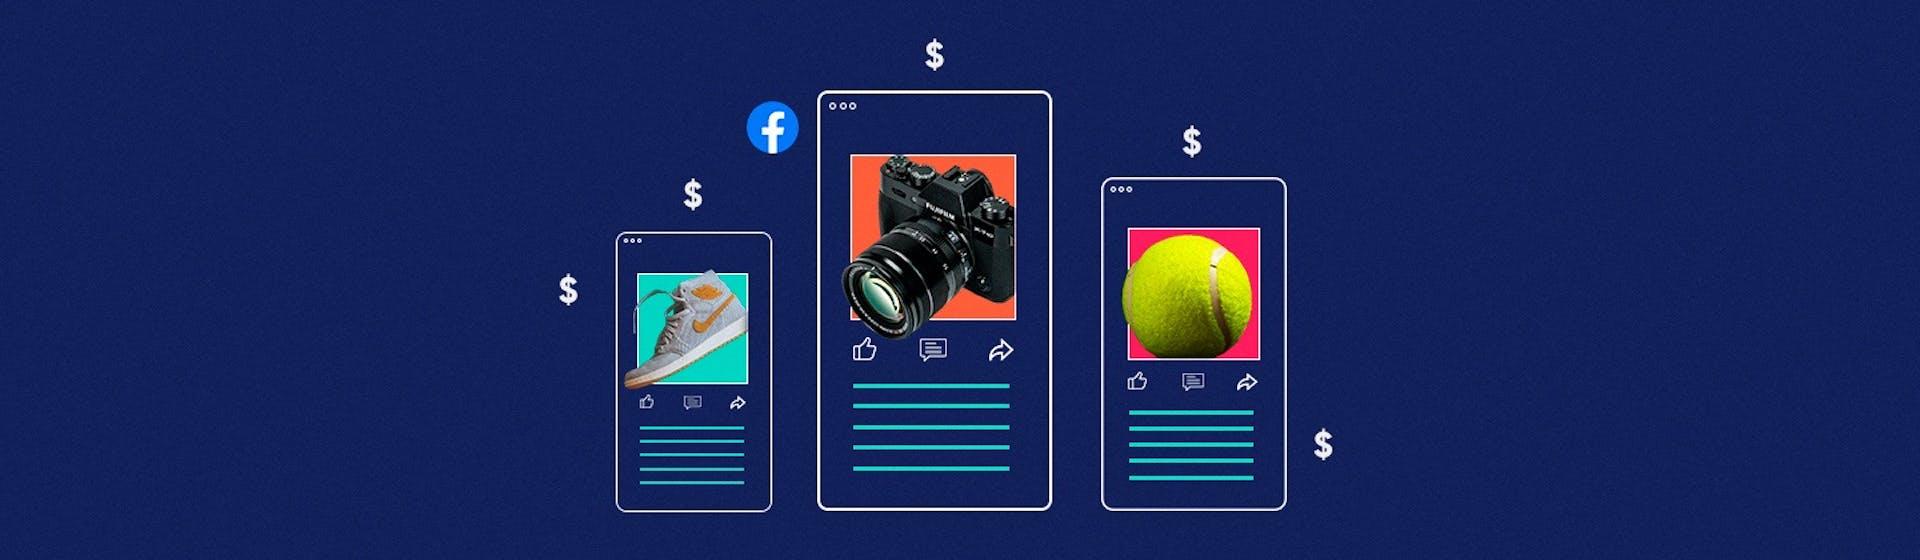 ¿Qué es Canvas en Facebook? ¡No sufras más promocionando tu marca en redes!